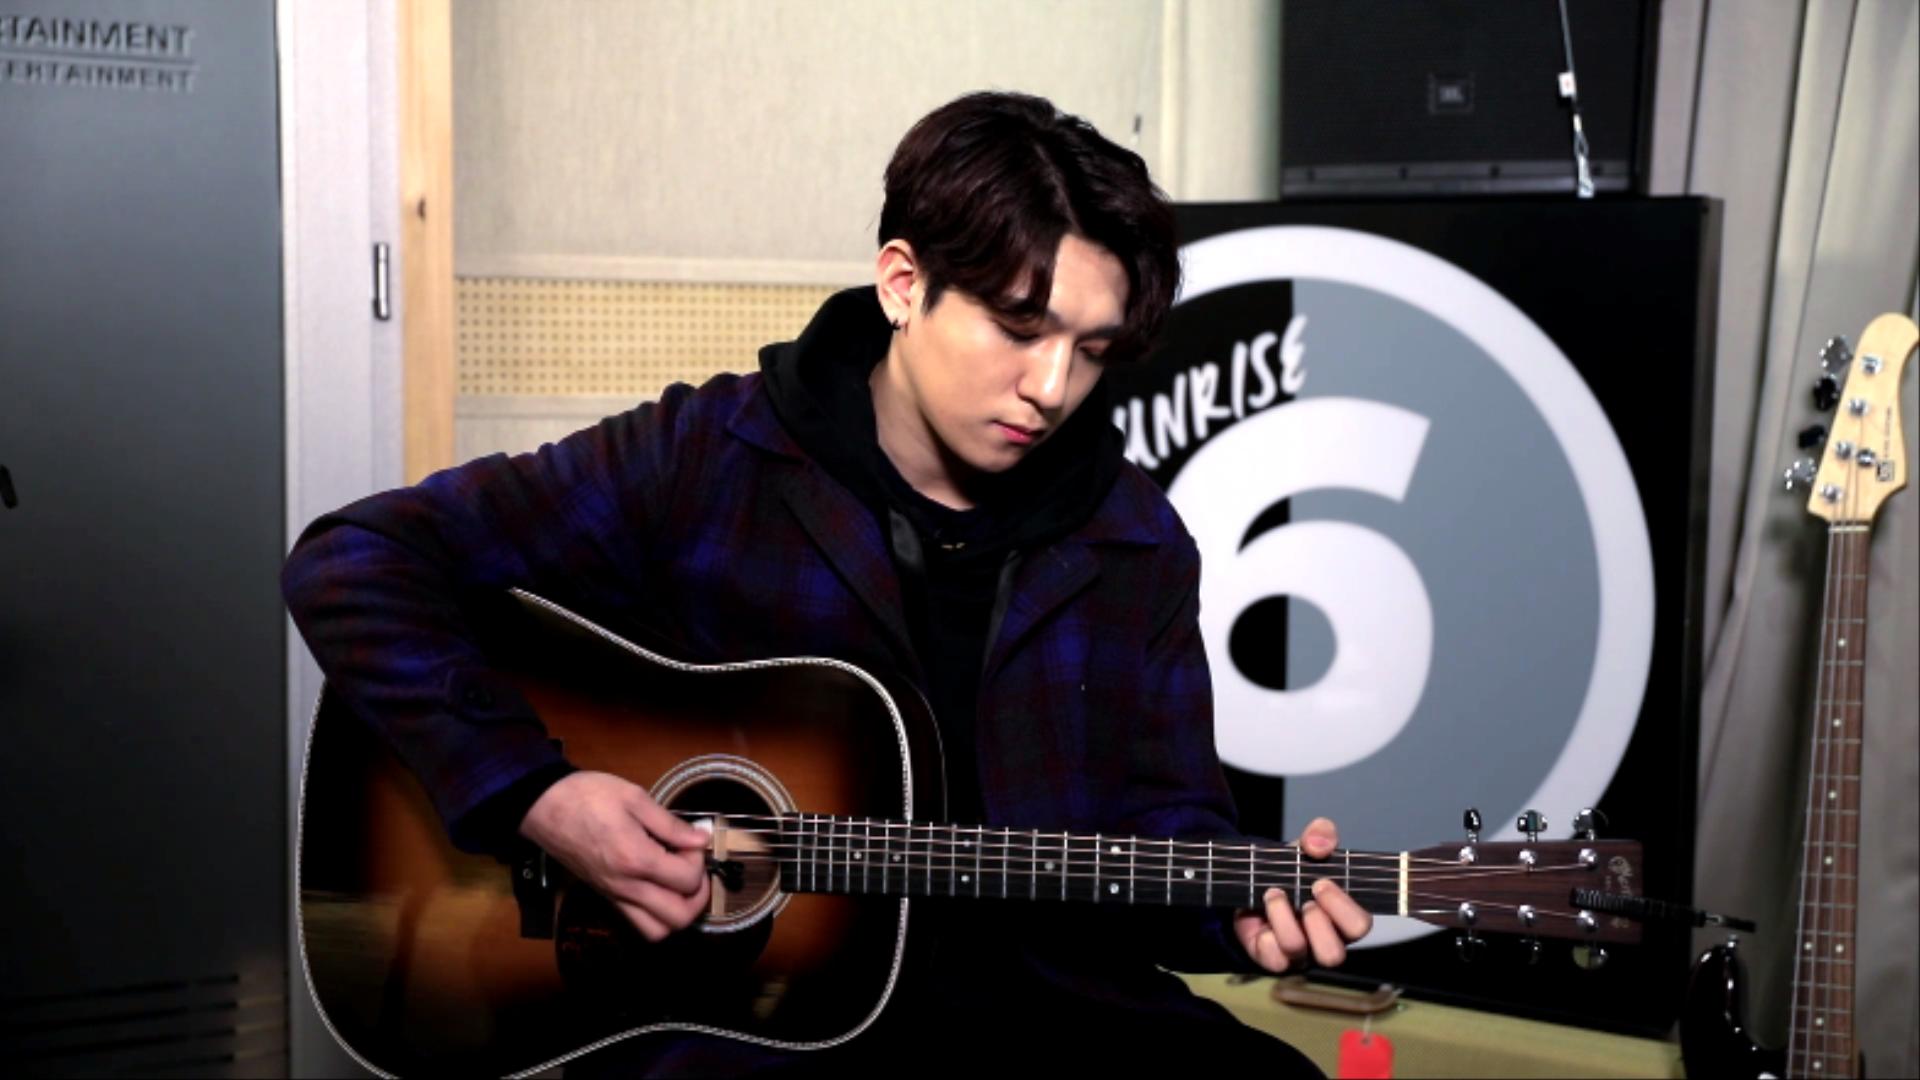 DAY6(데이식스) 내 악기를 소개합니다 #1 성진